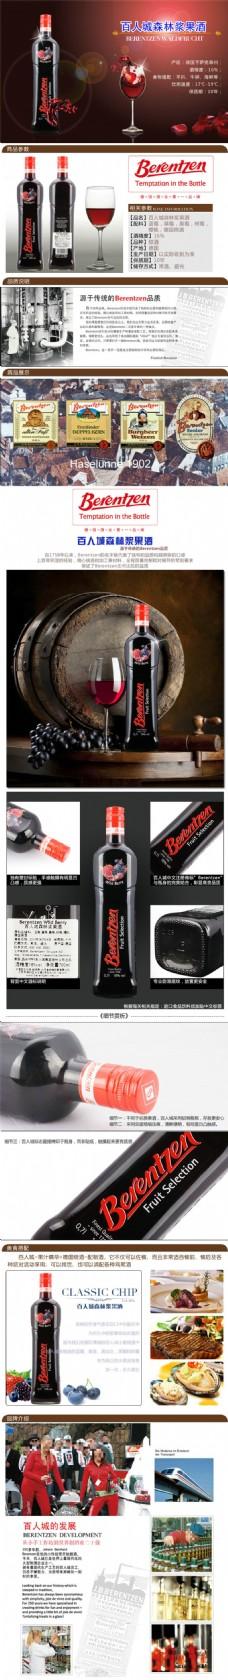 酒淘宝电商食品茶饮详情页模板